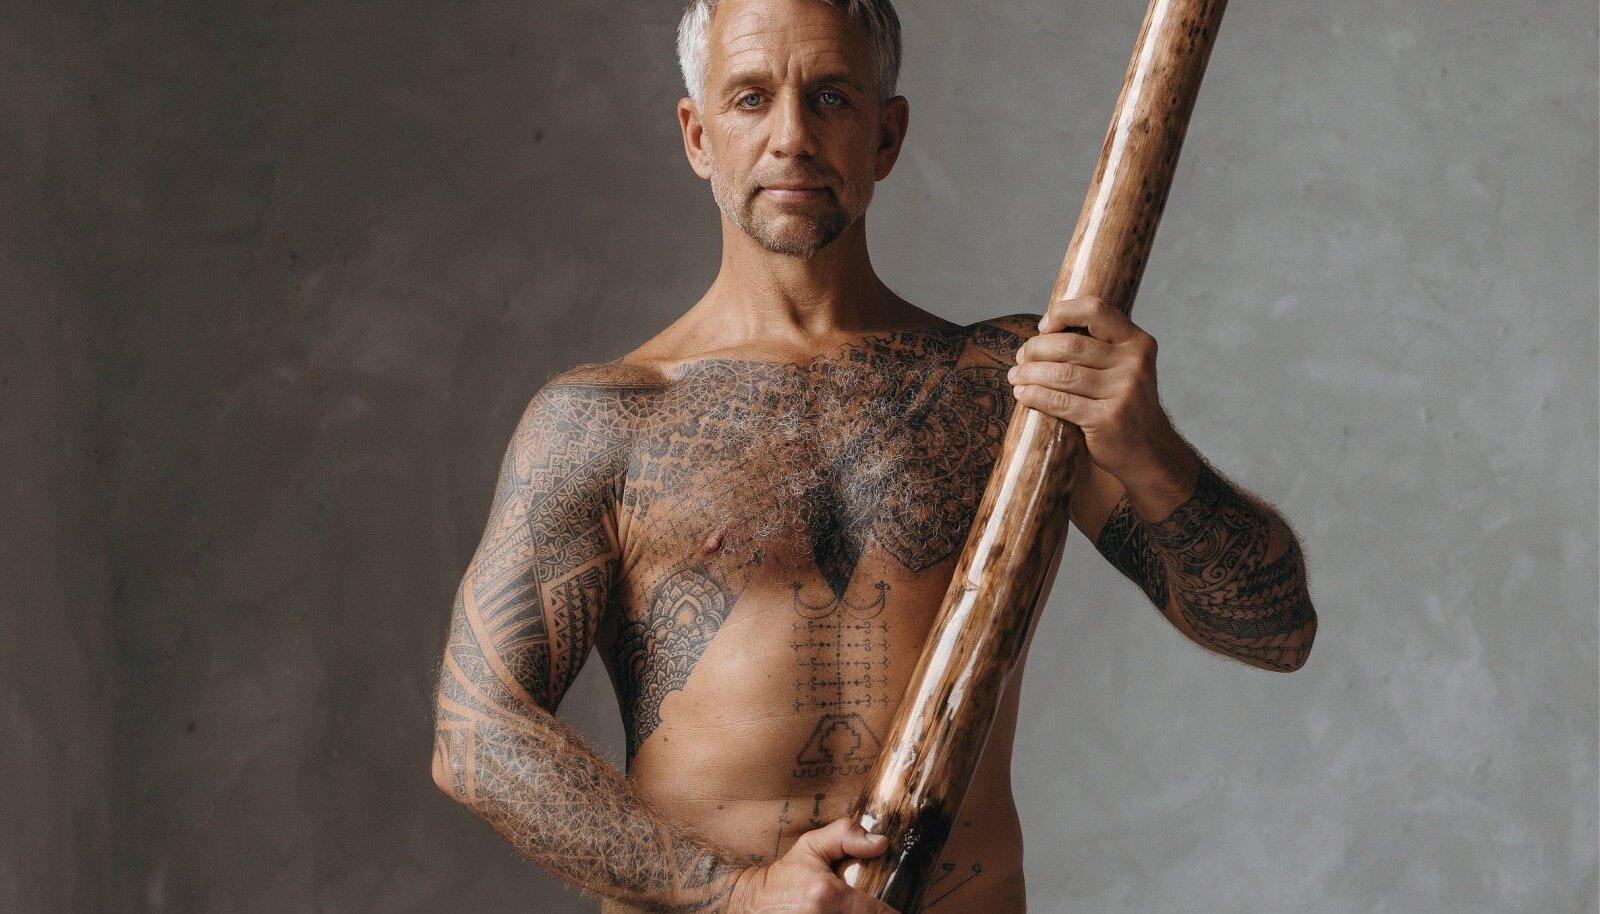 Aborigeenide muusikariista didgeridoo ostis Bali väereise korraldav Tiit Austraalia pillimeistrilt.